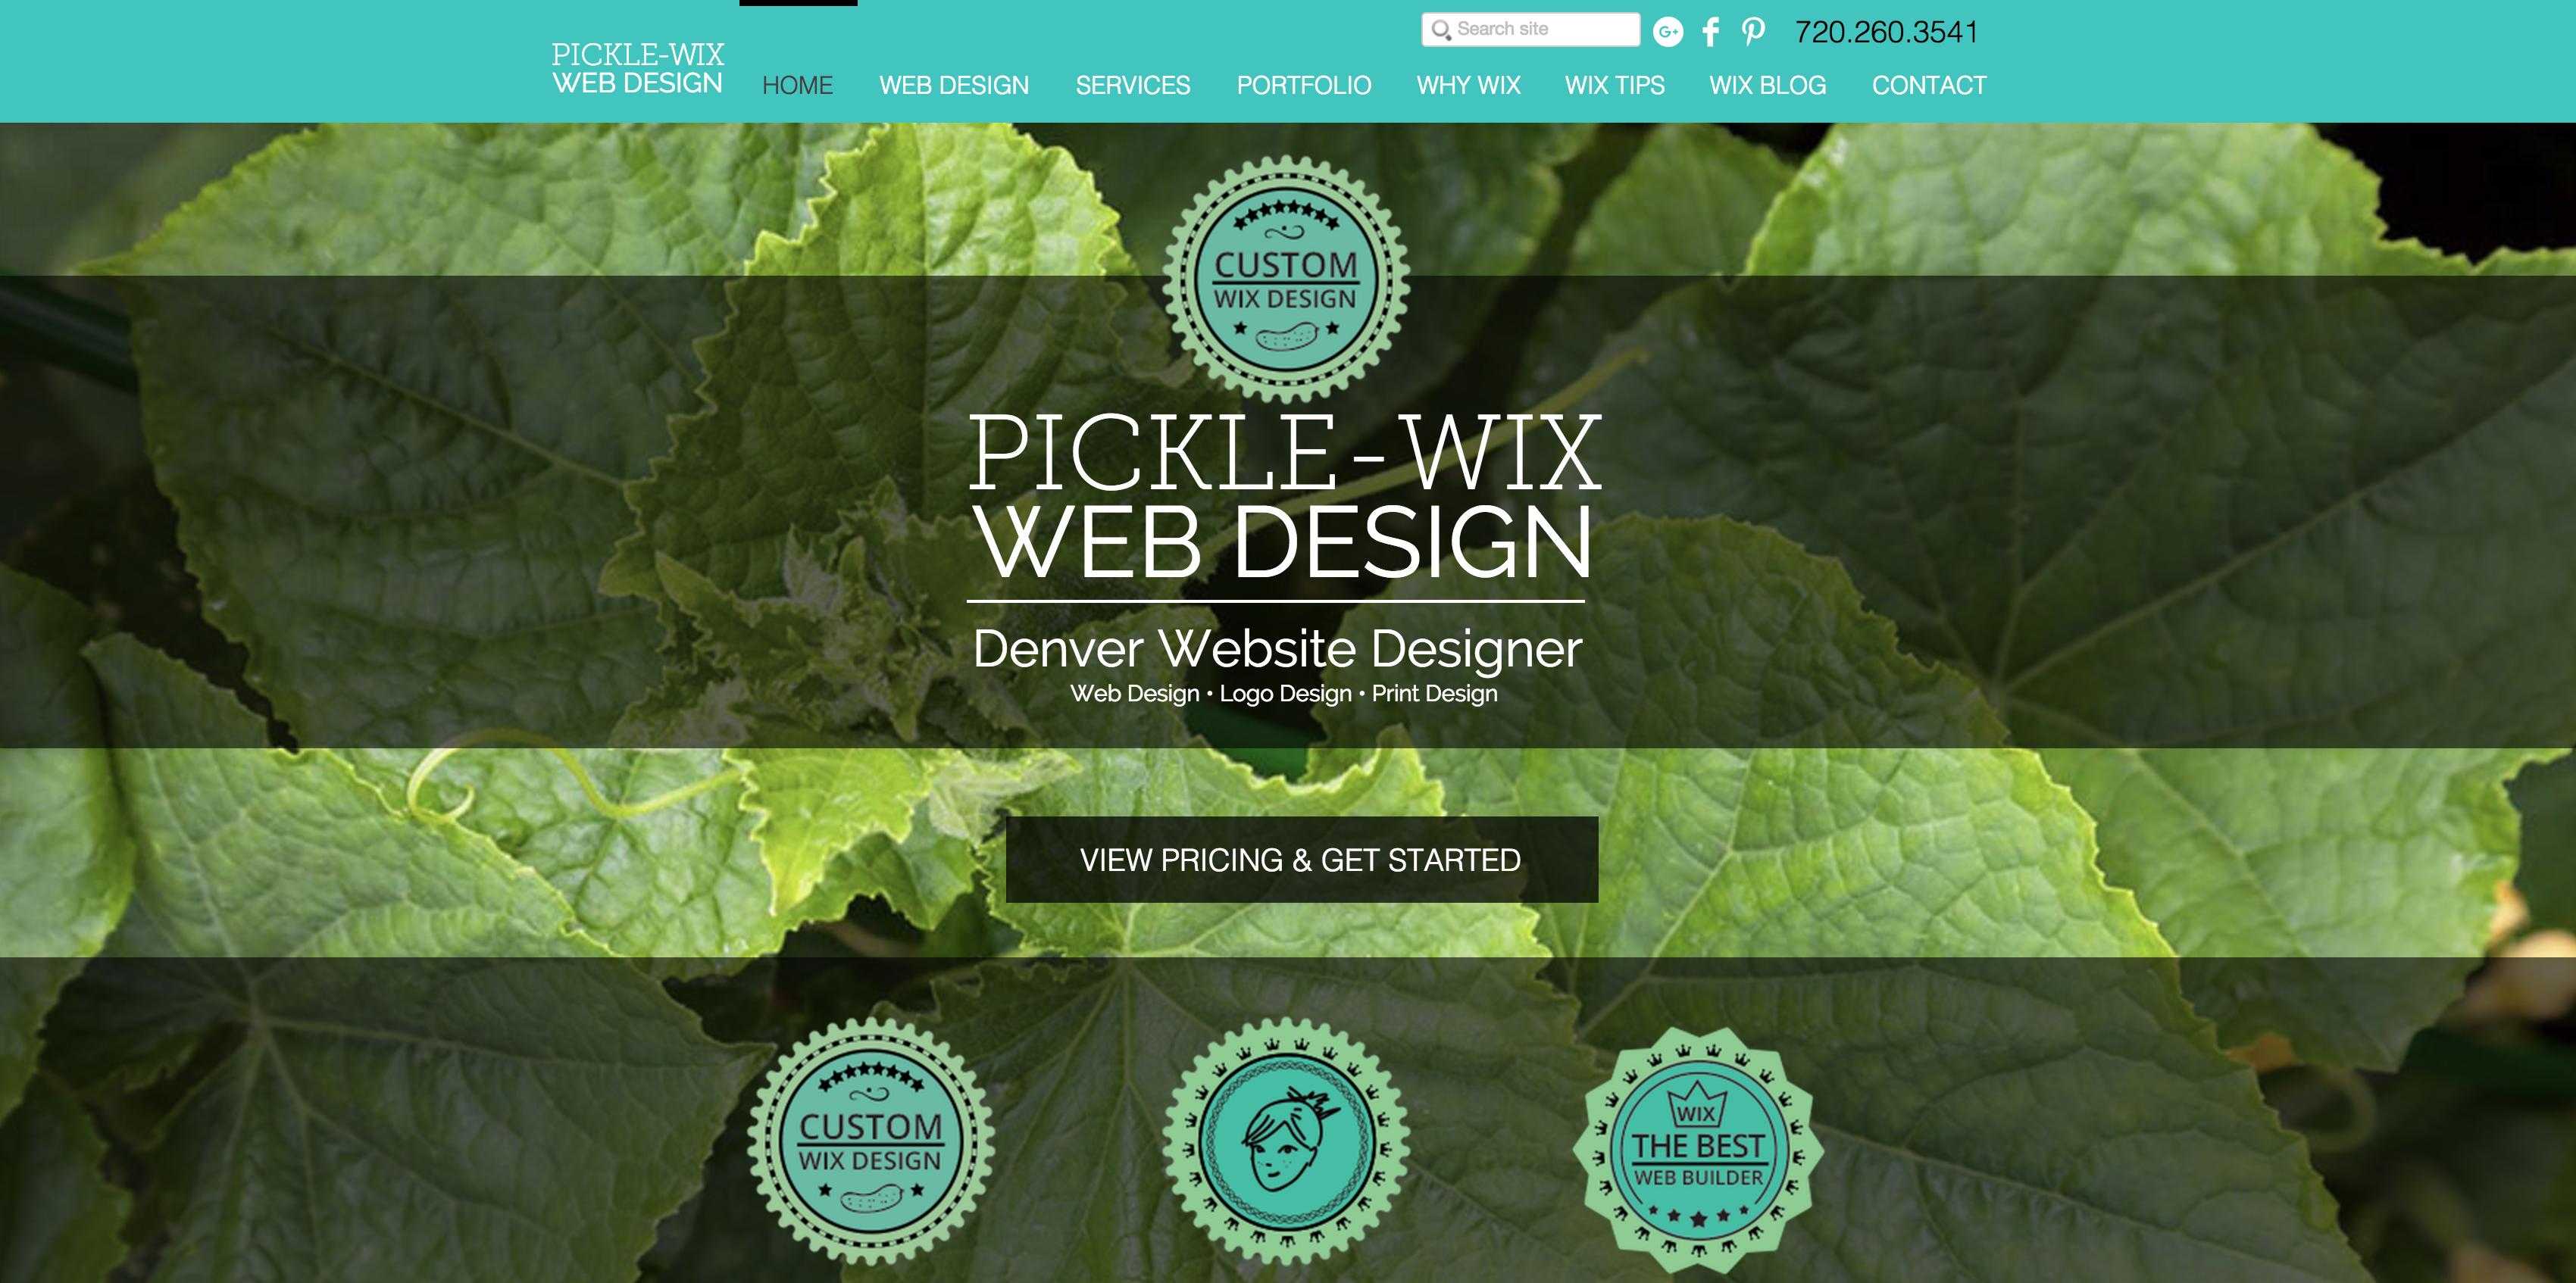 Denver Web Design | Wix Website Design | Pickle-Wix Web Design